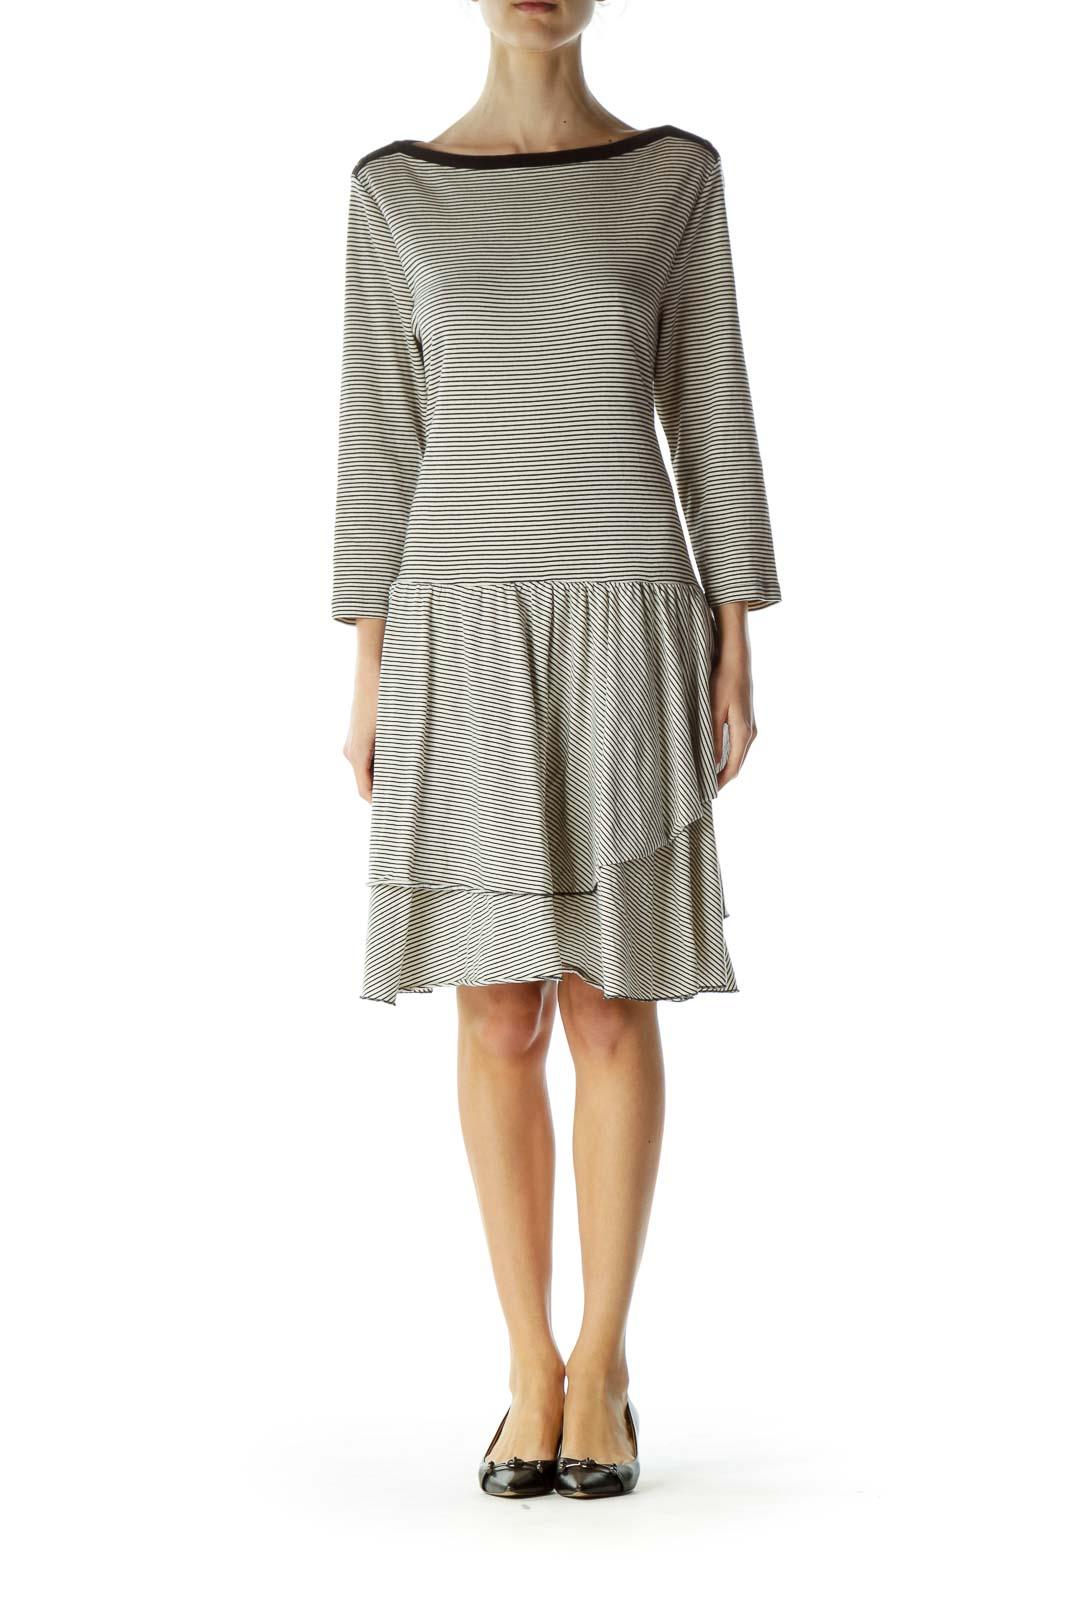 Beige Striped Jersey Dress